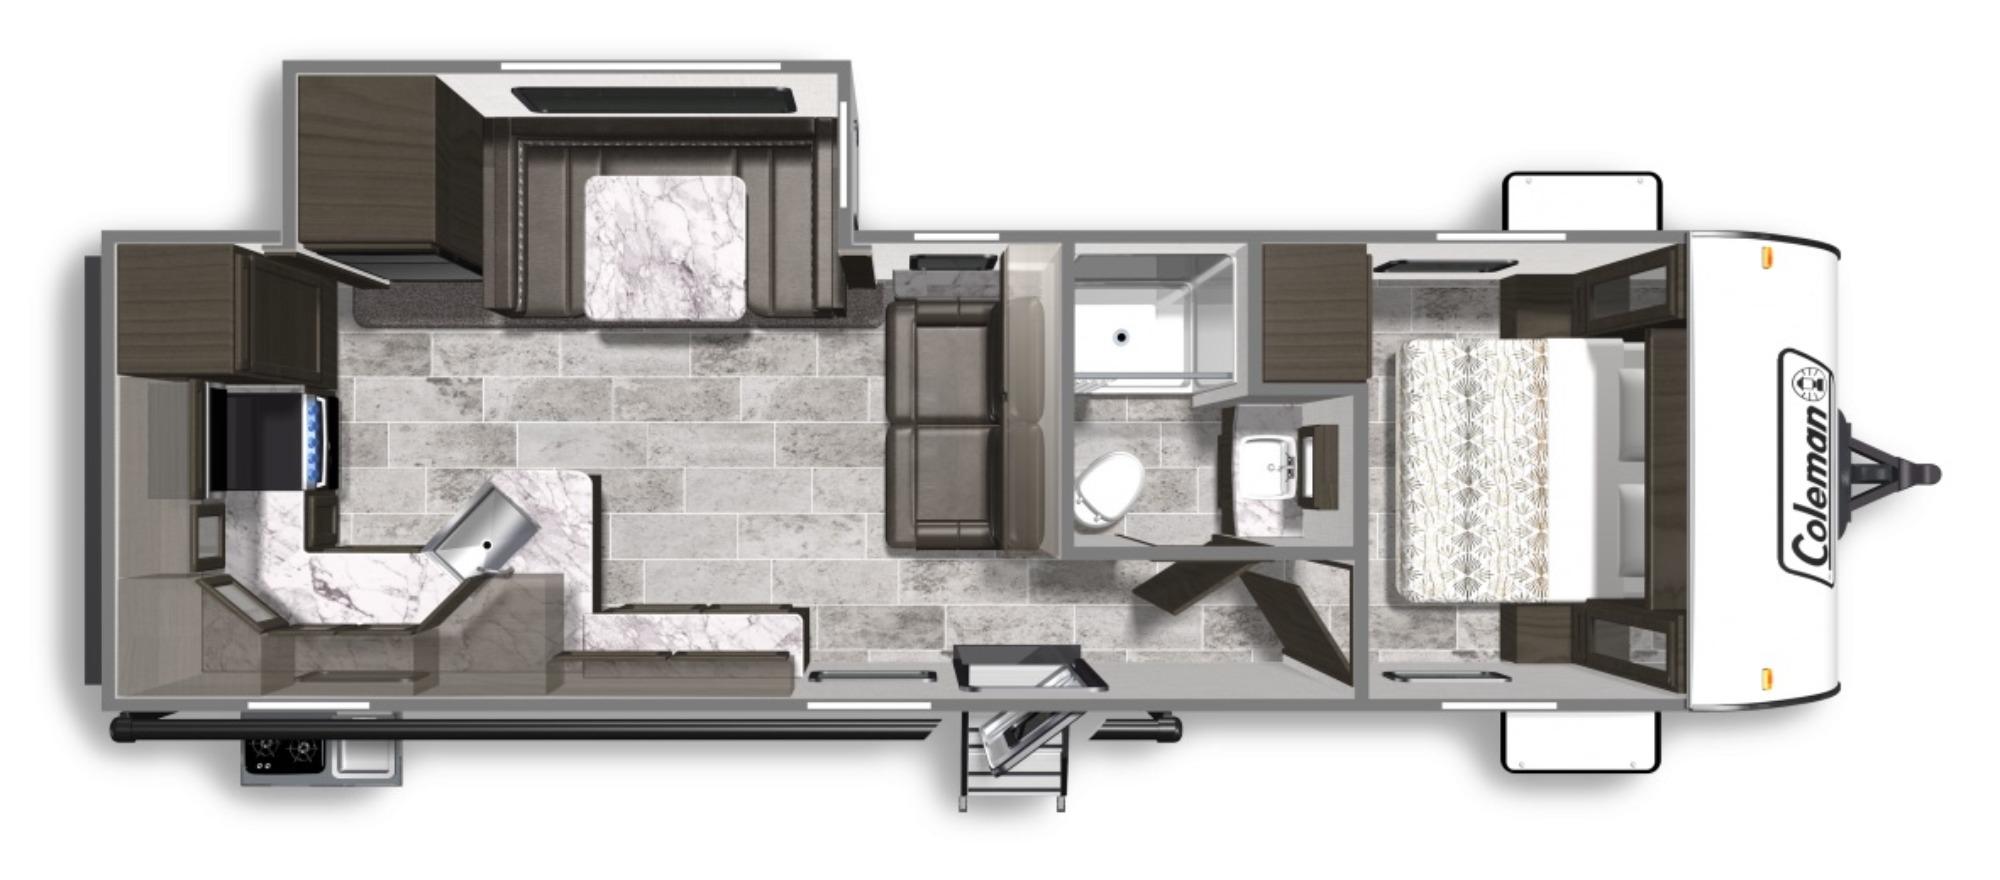 View Floor Plan for 2020 COLEMAN COLEMAN LIGHT 2825RK